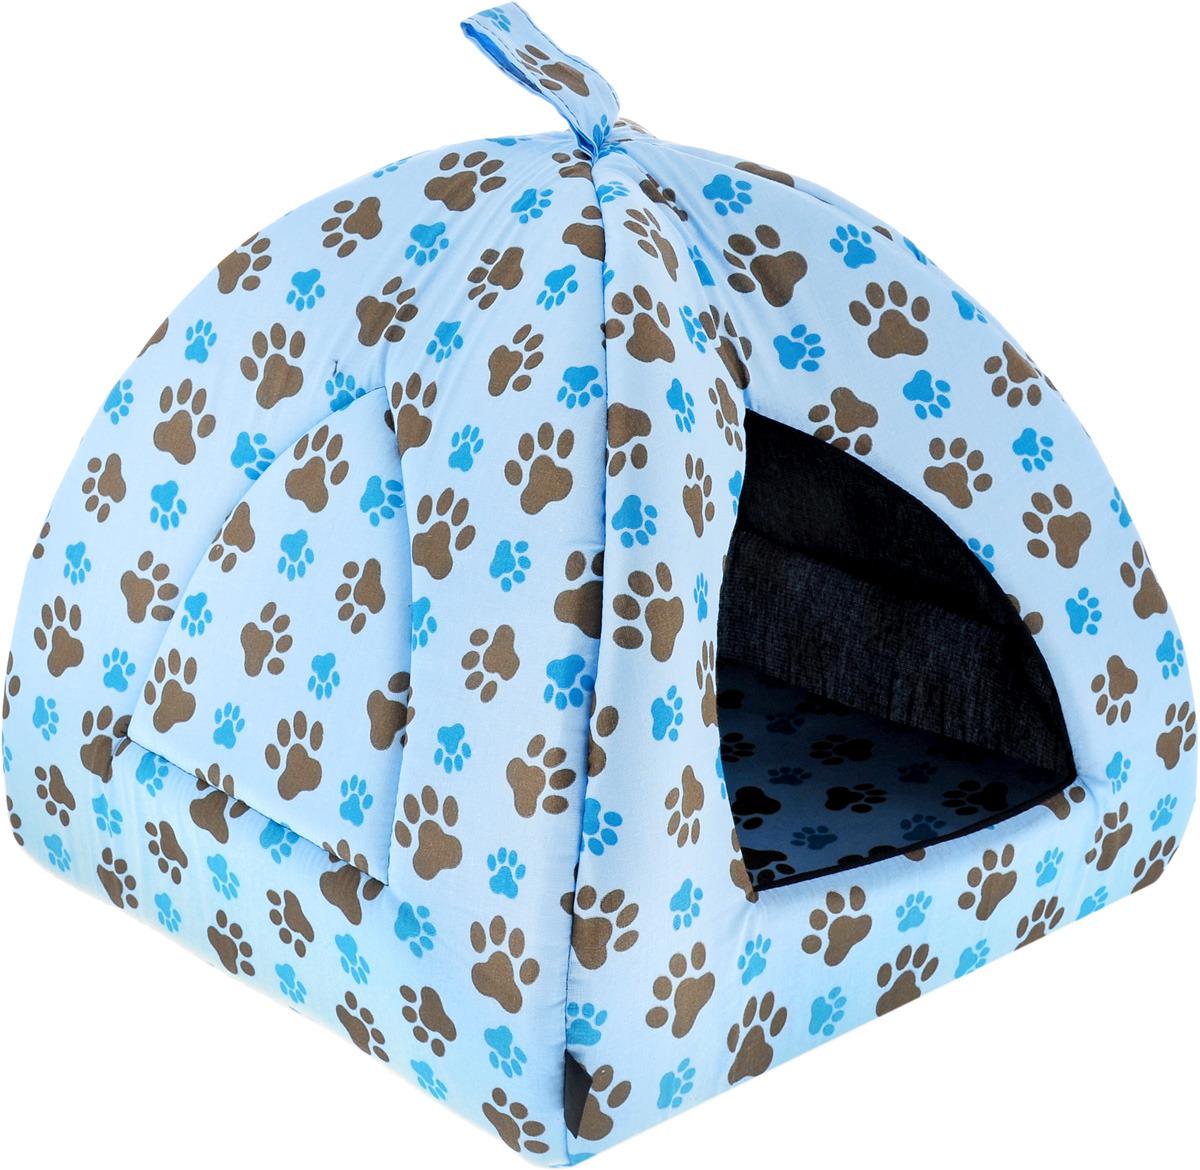 Домик для кошек и собак Гамма Юрта. Лапы, цвет: голубой, 40 х 40 х 36 см лоток для кошек vanness с аксессуарами цвет голубой бежевый 48 см х 38 см х 19 см